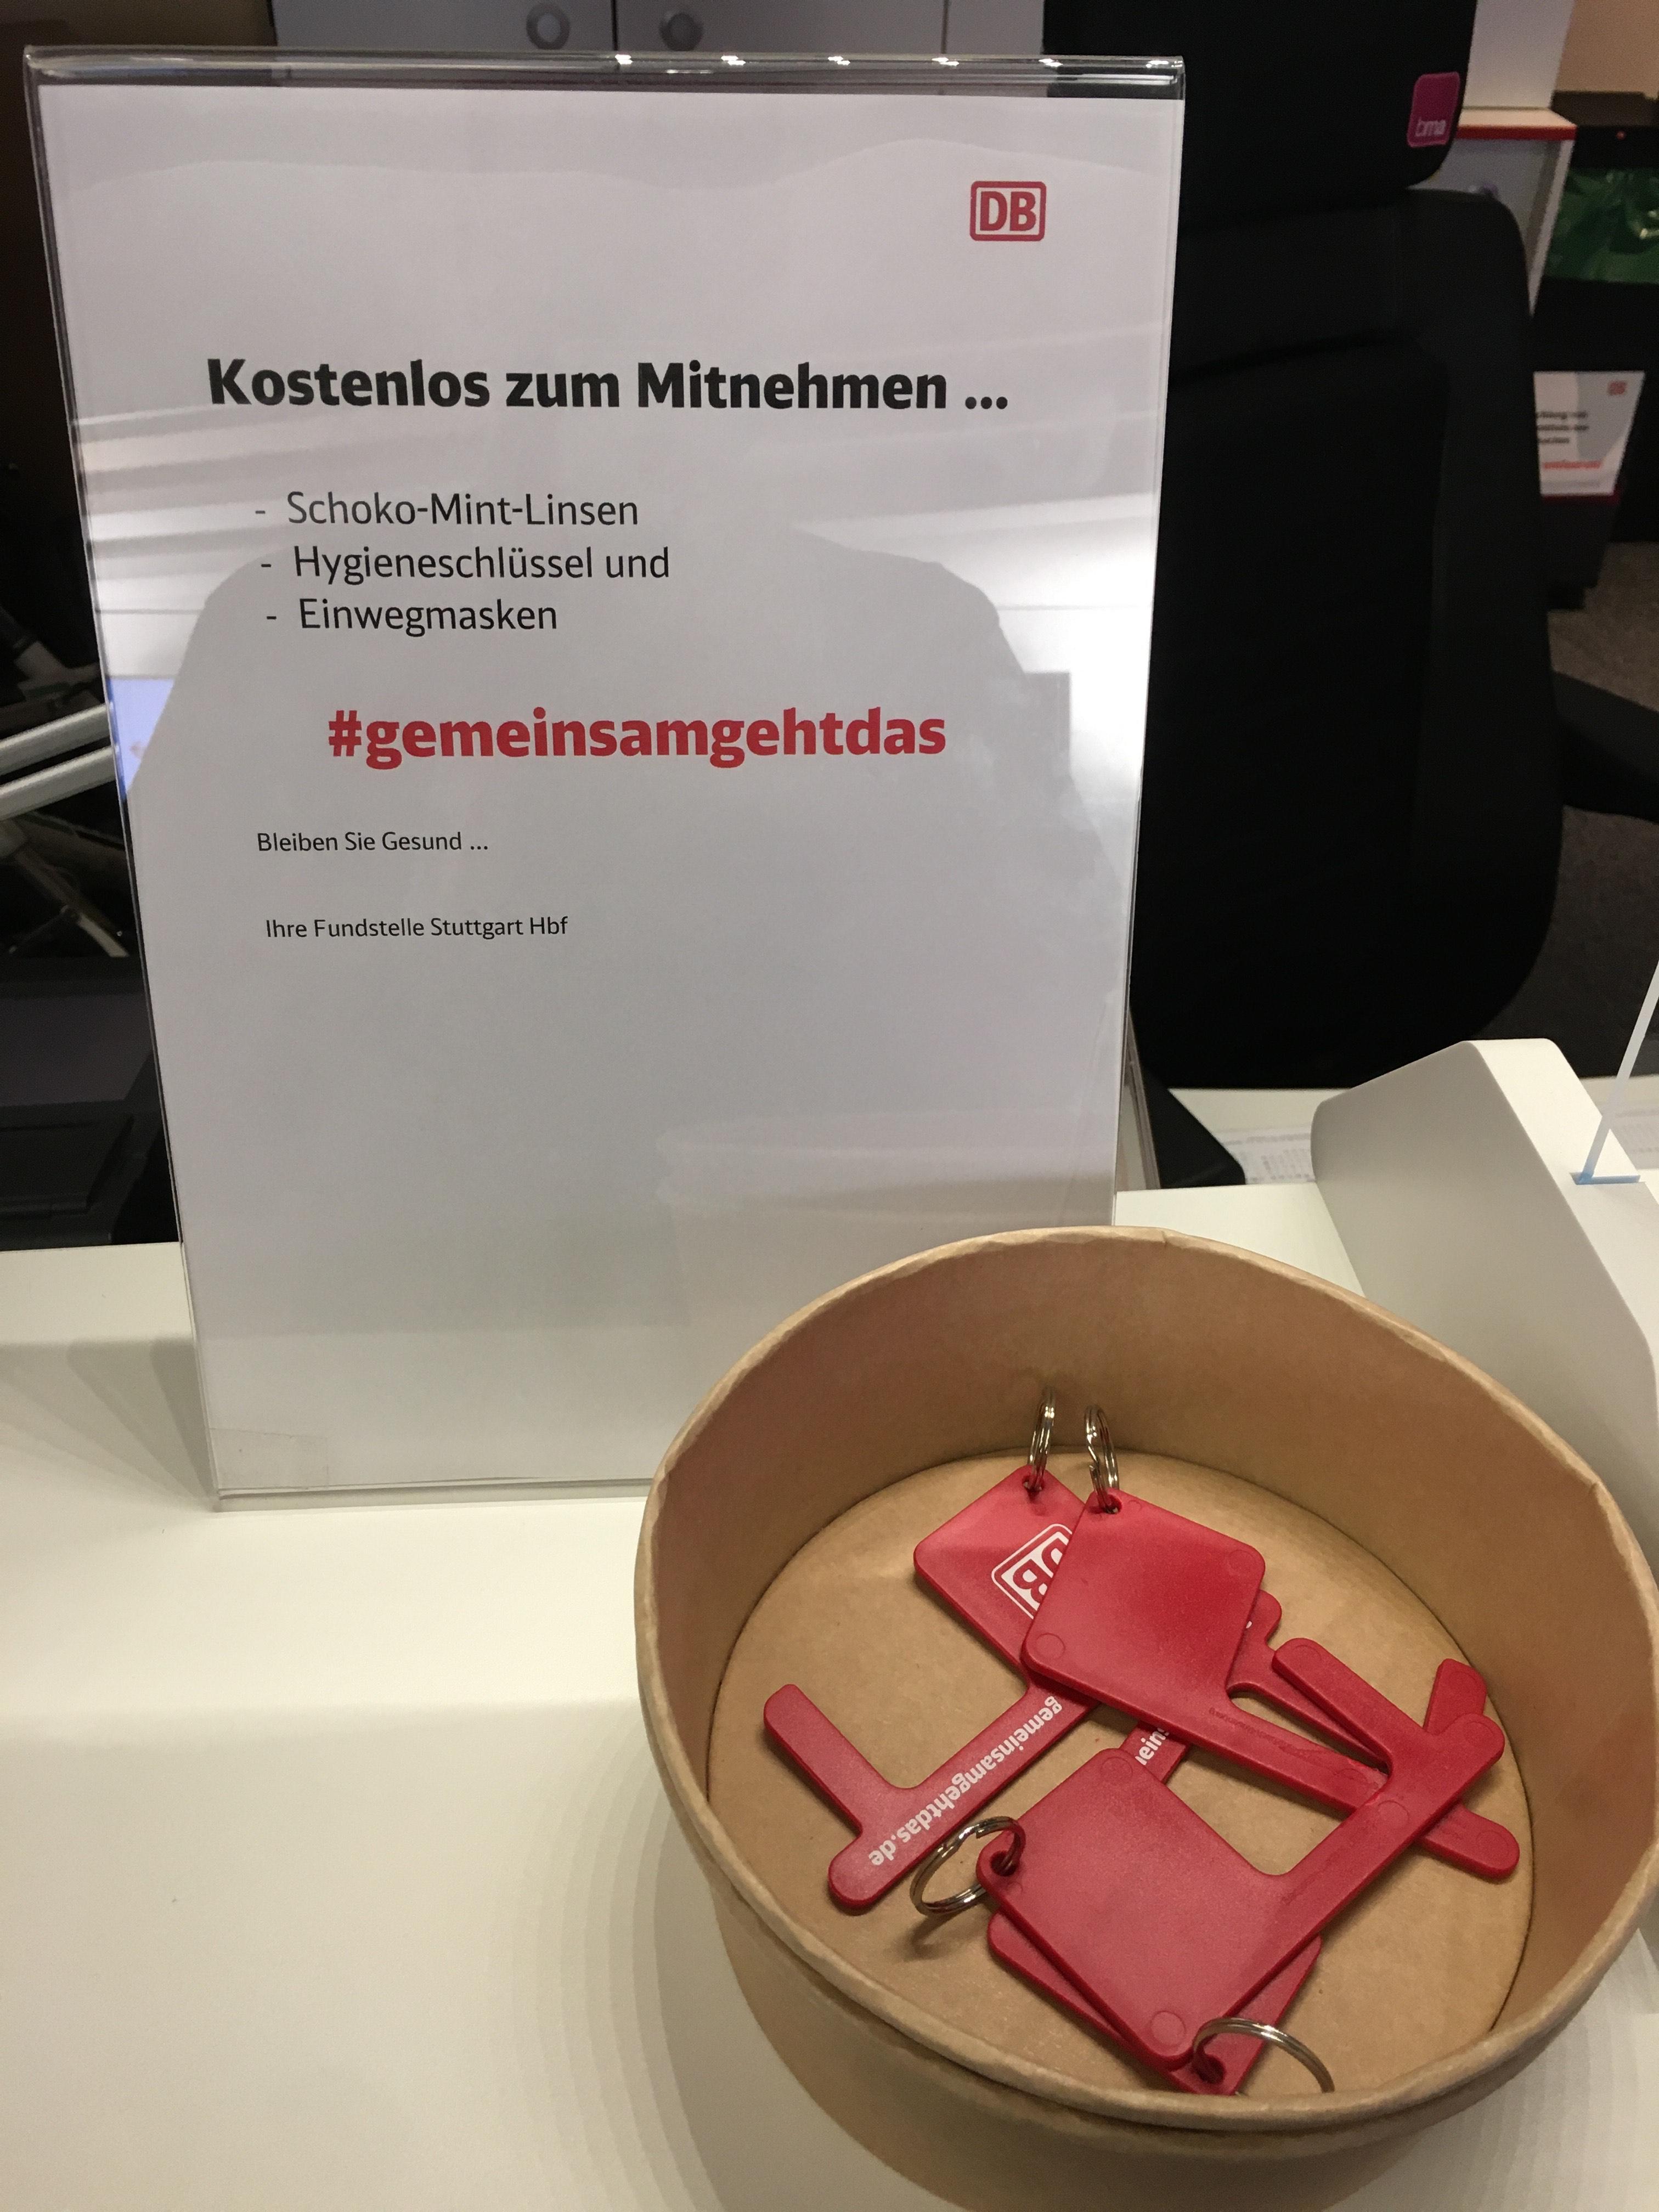 FREEBIE [LOKAL] Stuttgart Hbf DB Hygieneschlüssel, Einwegmaske oder Schokolade